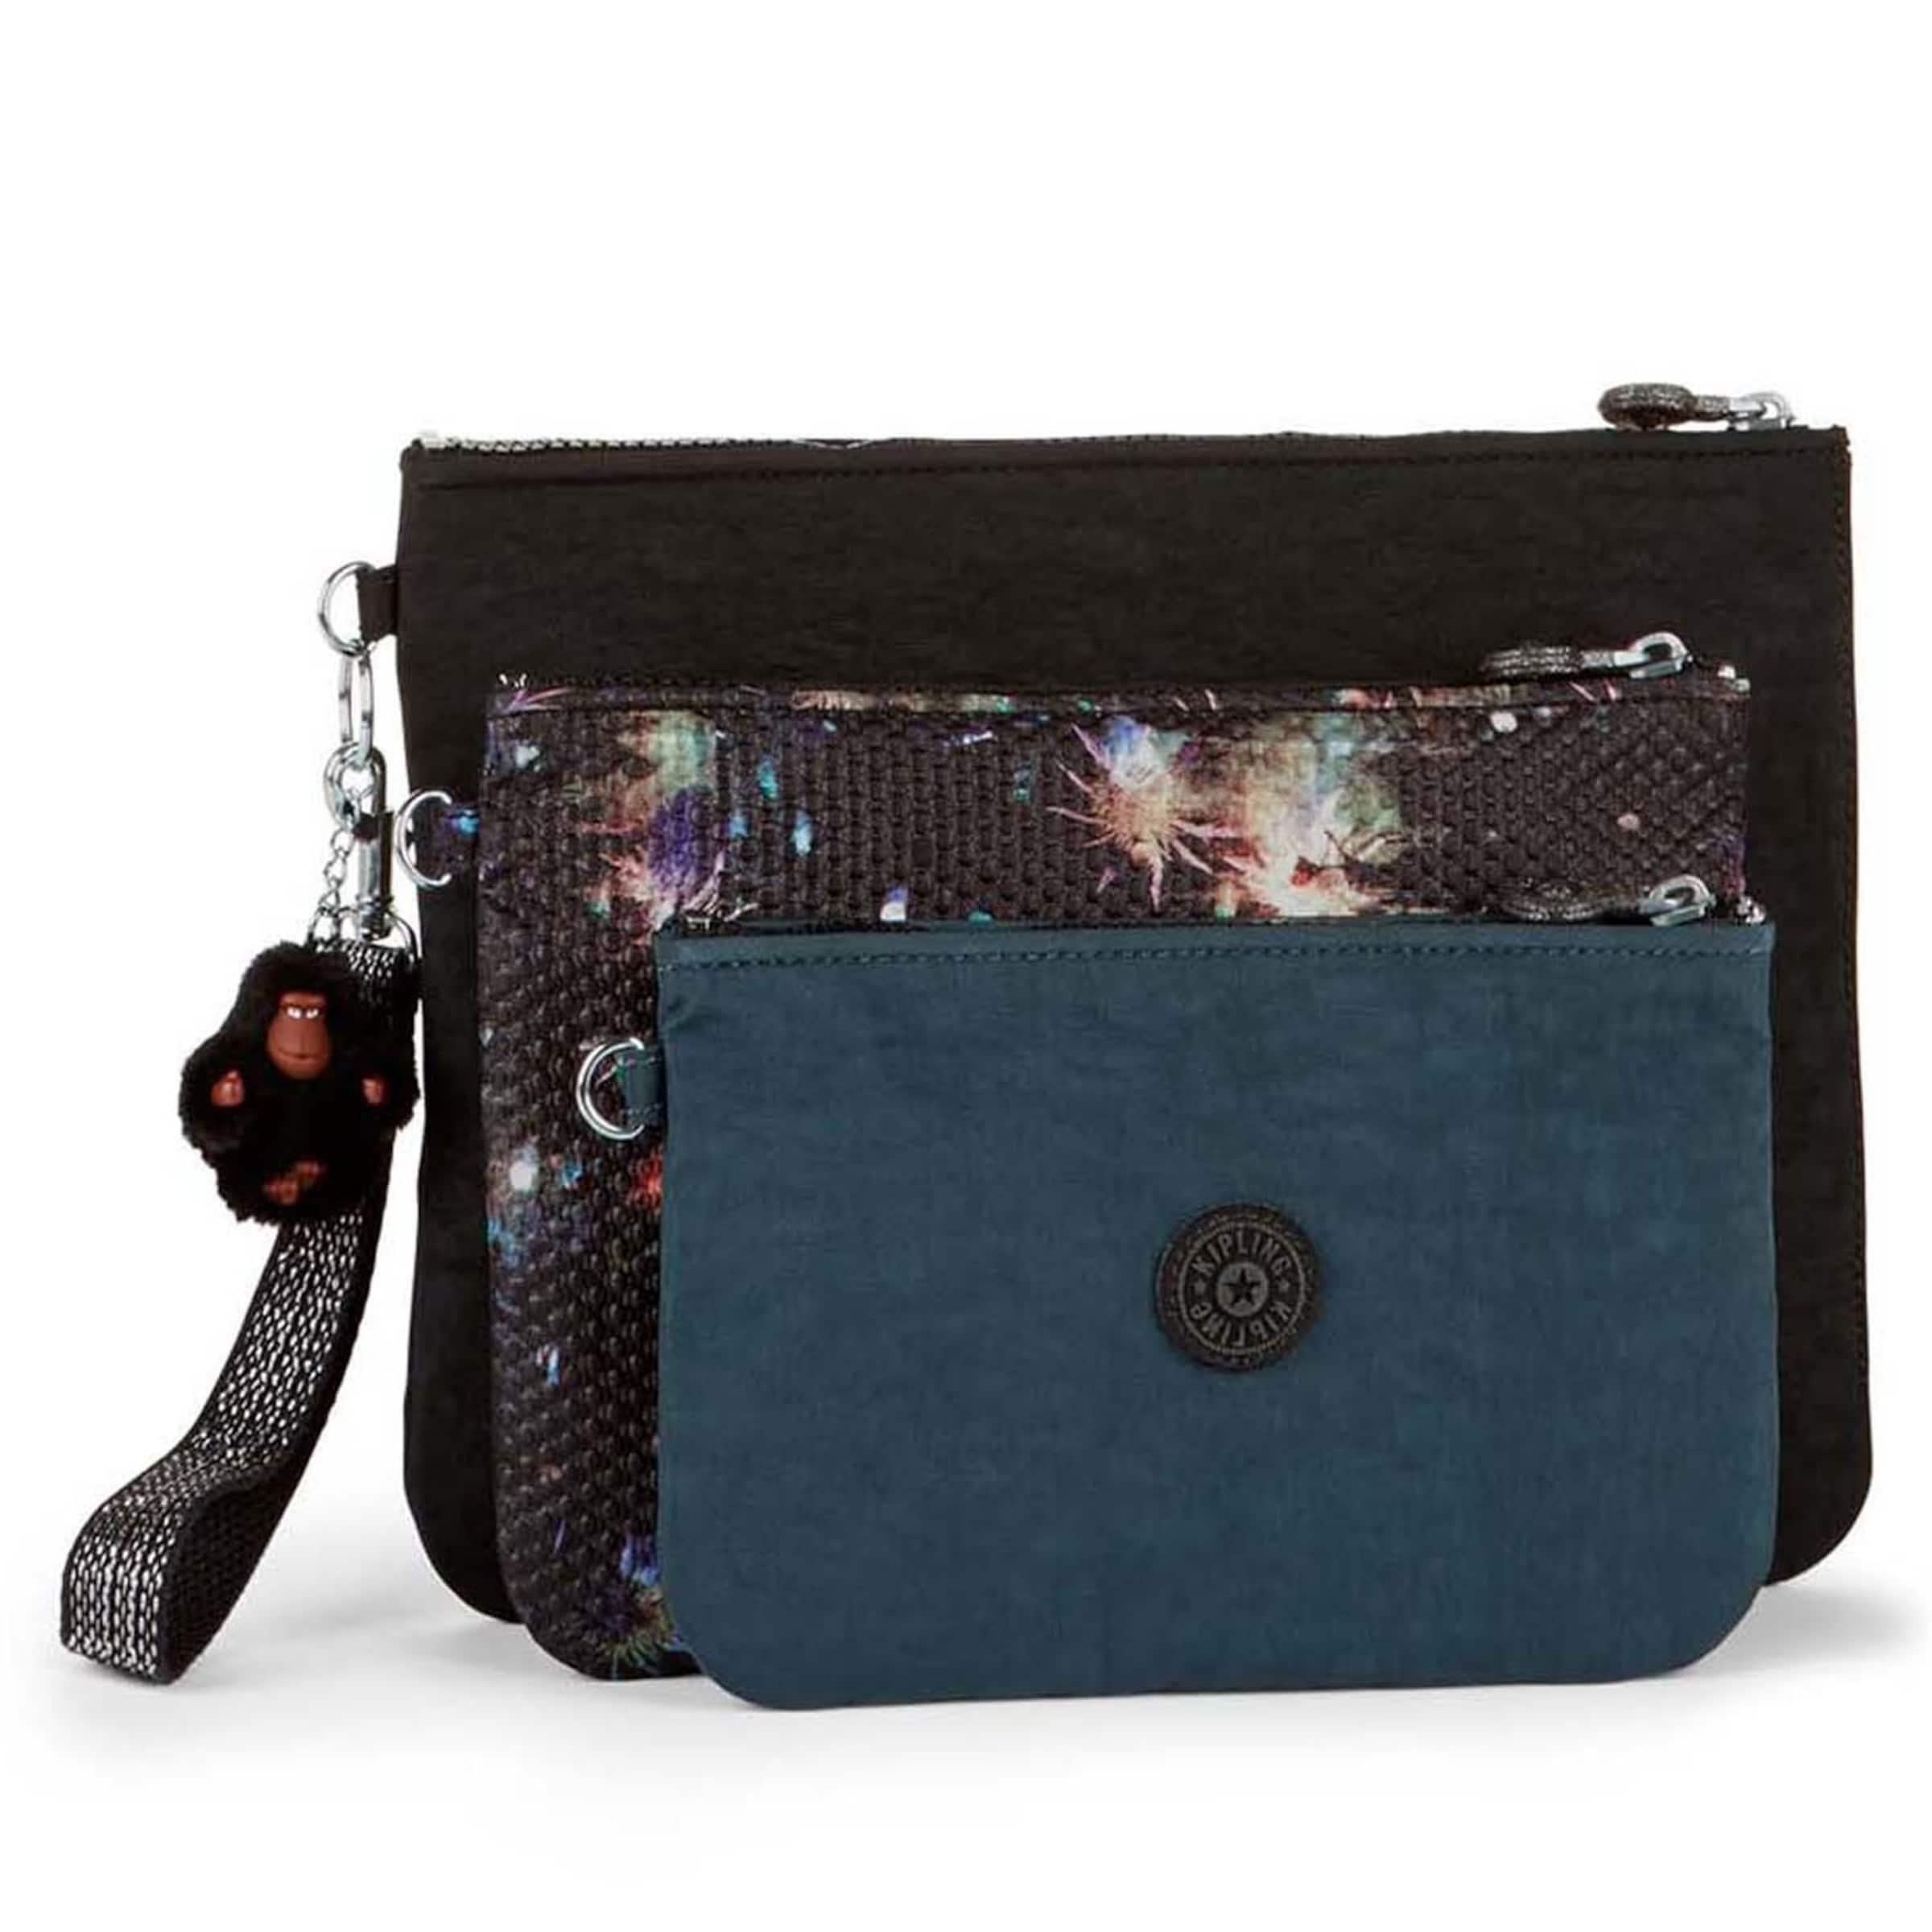 Billig Verkauf Footaction KIPLING 'Beauty of Gifting Iaka L 17' Taschen 3-tlg. Pay Online Mit Visa Neuester Rabatt ehGBFDS